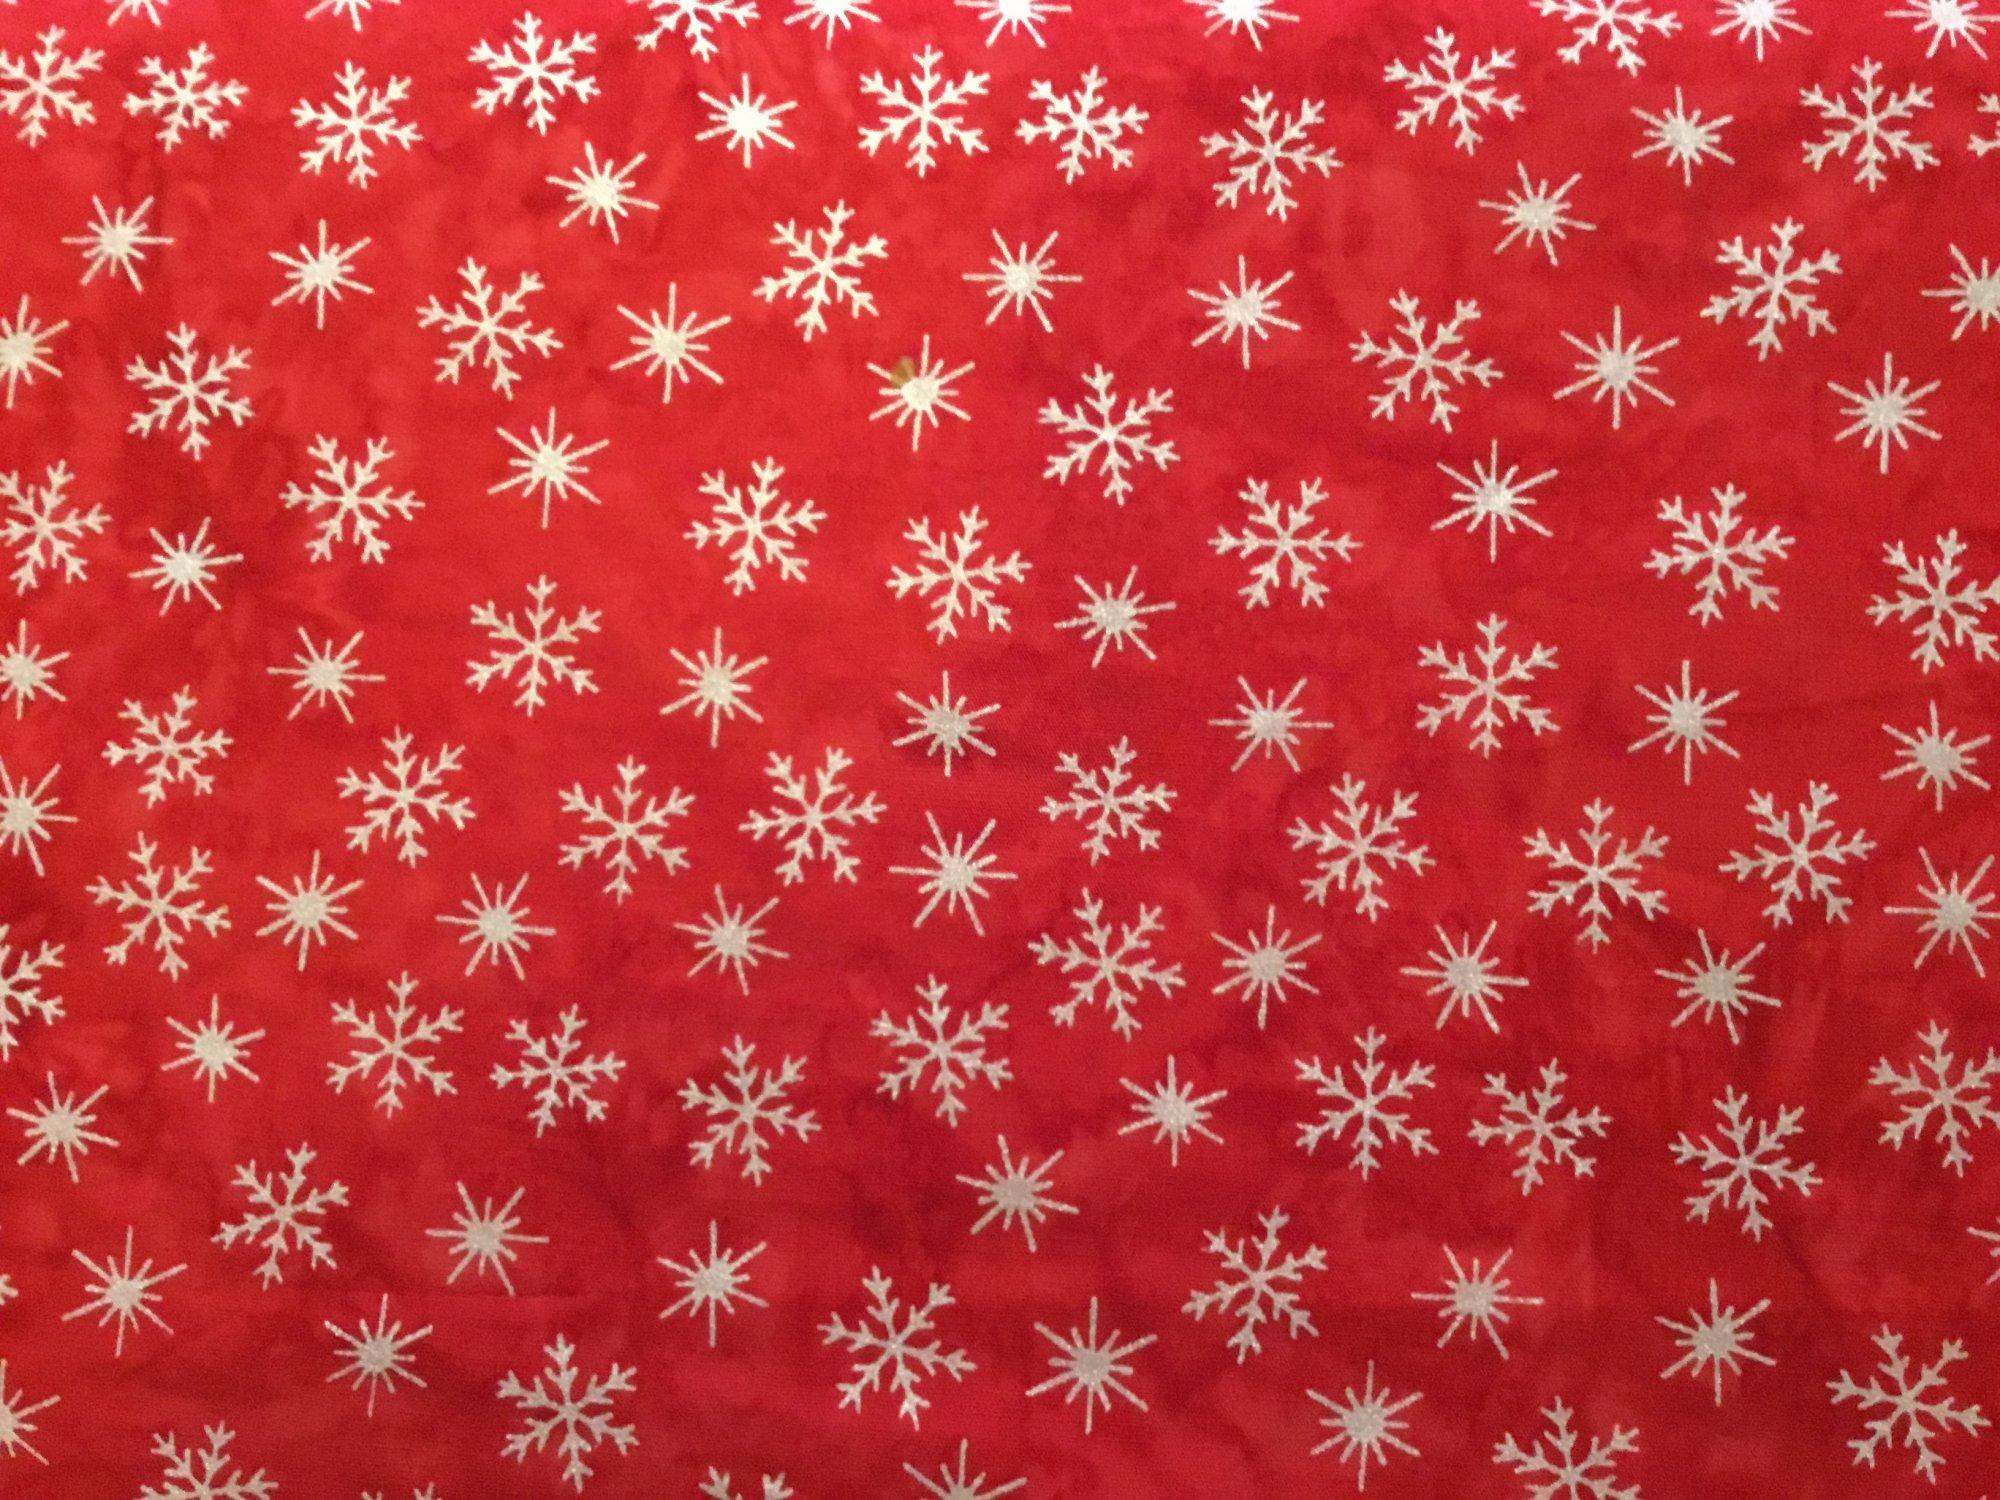 Snowflake Batik Red